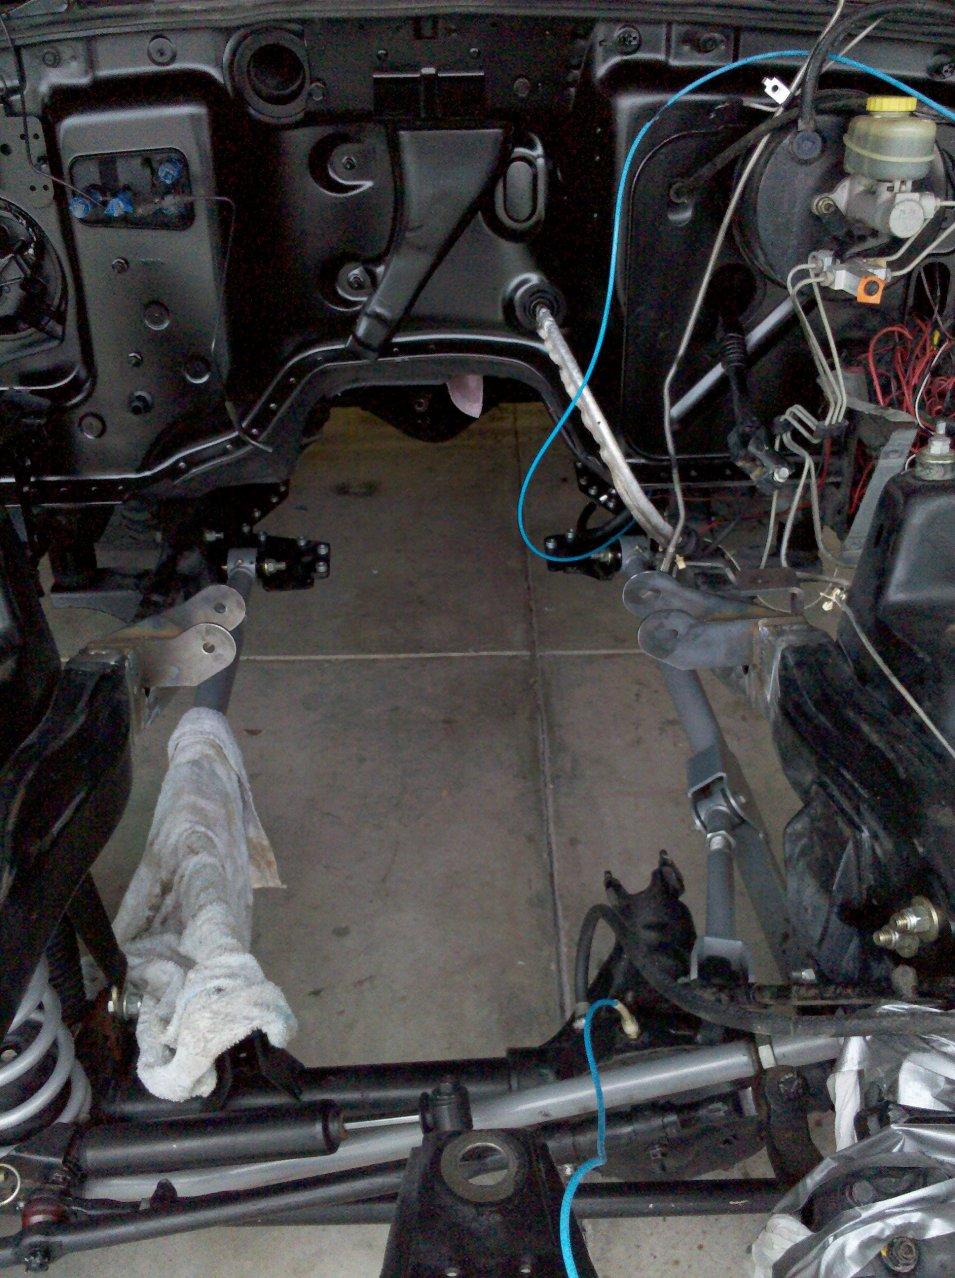 motor-mount-3.jpg